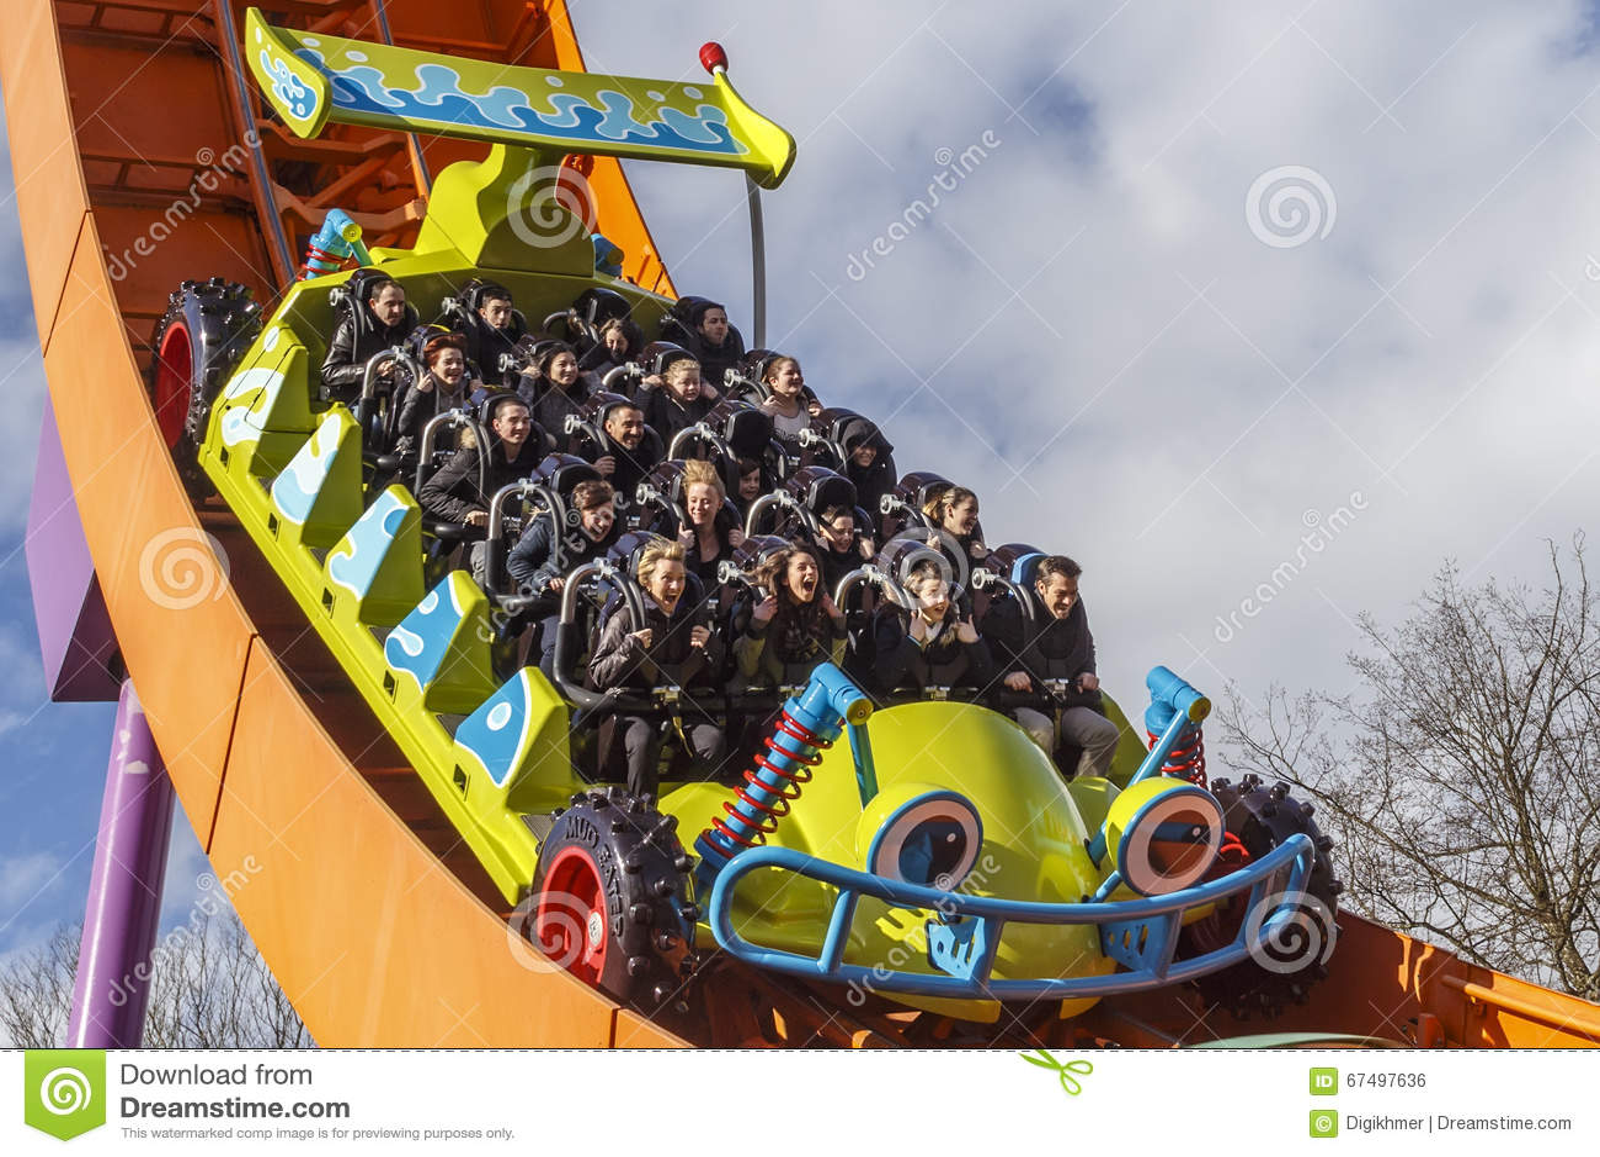 Rc Setkarza Kolejka Gorska Przy Disneyland Pary Zdj Cie Editorial